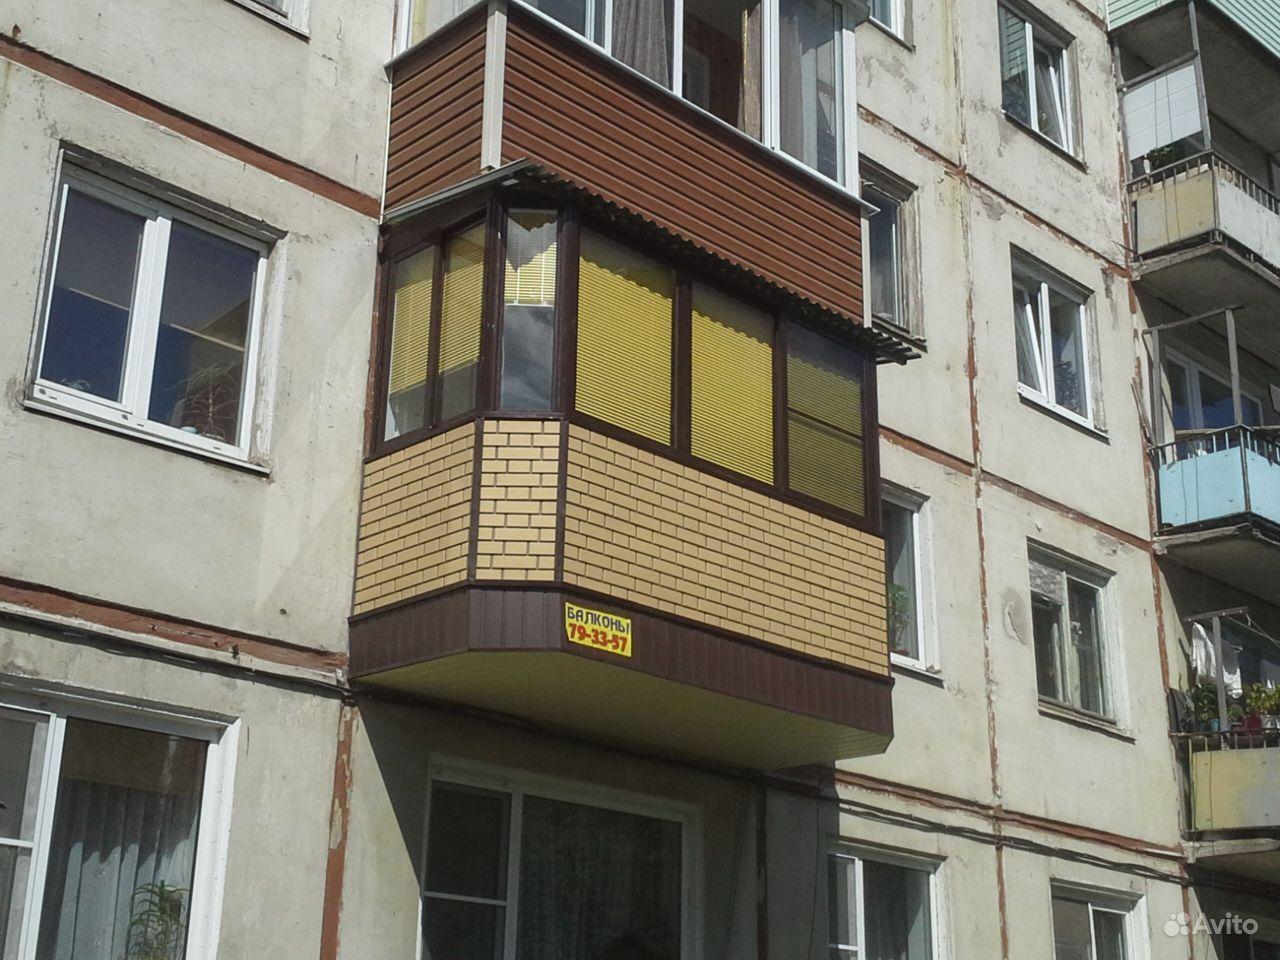 Остекление балконов фото. евро балконы фотографии - балконы .